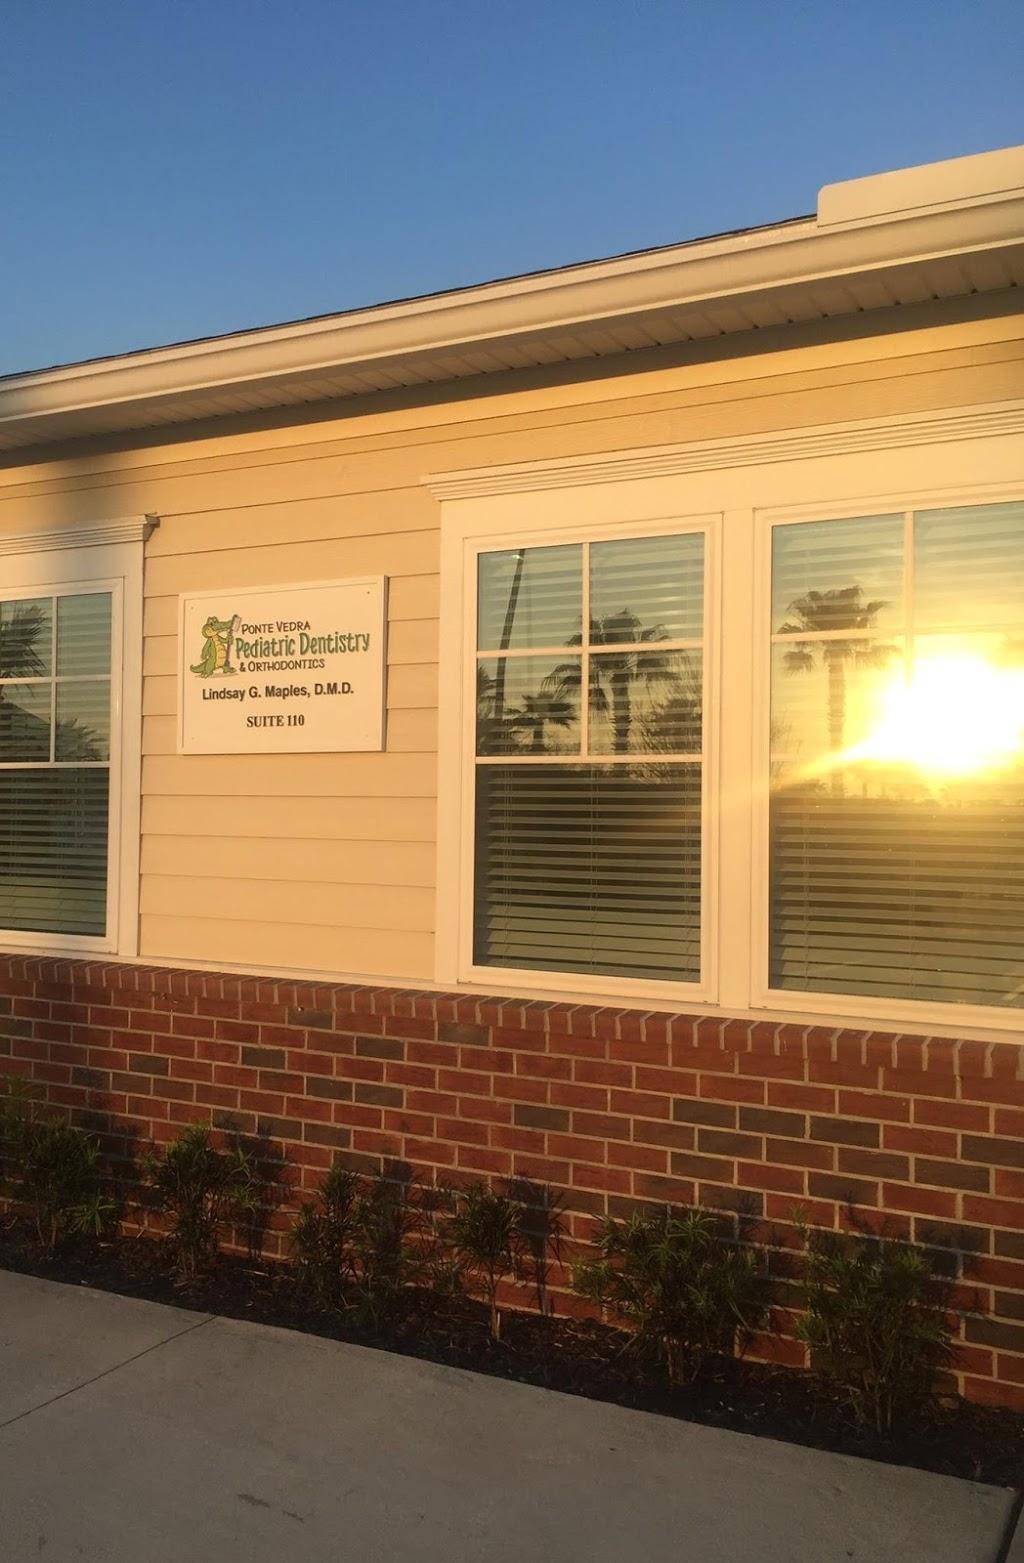 Ponte Vedra Pediatric Dentistry and Orthodontics, P.A. - dentist    Photo 5 of 5   Address: 480 Town Plaza Ave #110, Ponte Vedra Beach, FL 32081, USA   Phone: (904) 373-5120